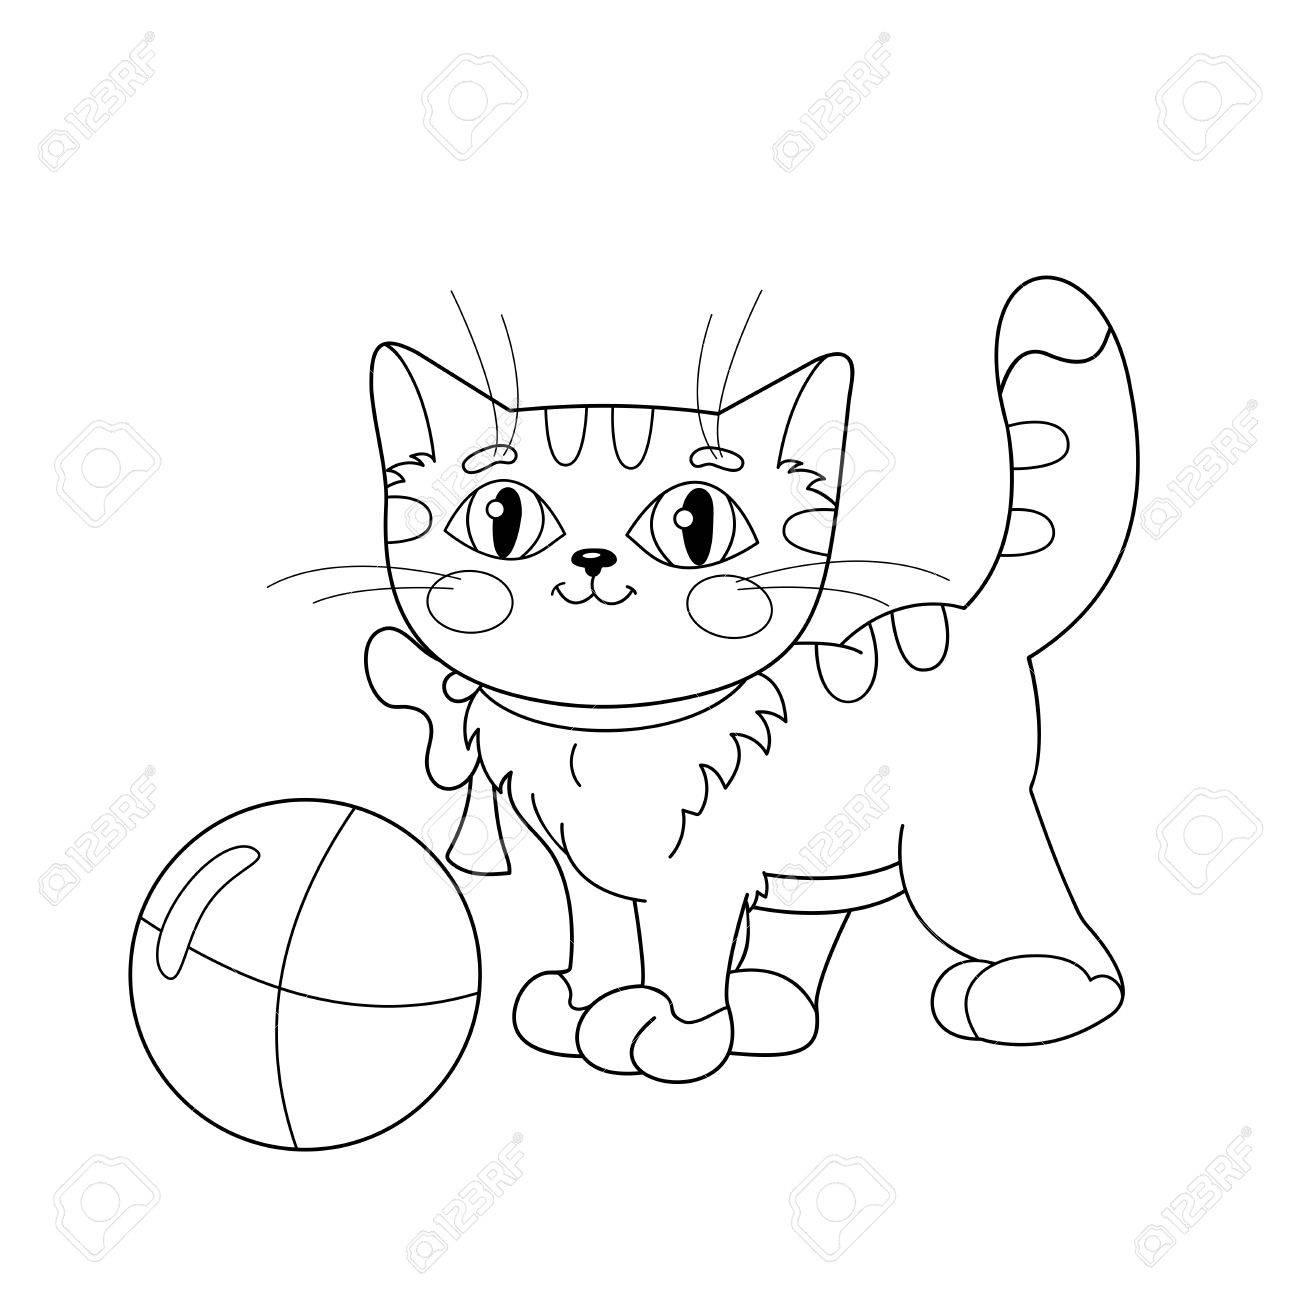 Malvorlagen Umriss Eines Flauschige Katze Mit Ball Spielen. Malbuch ...